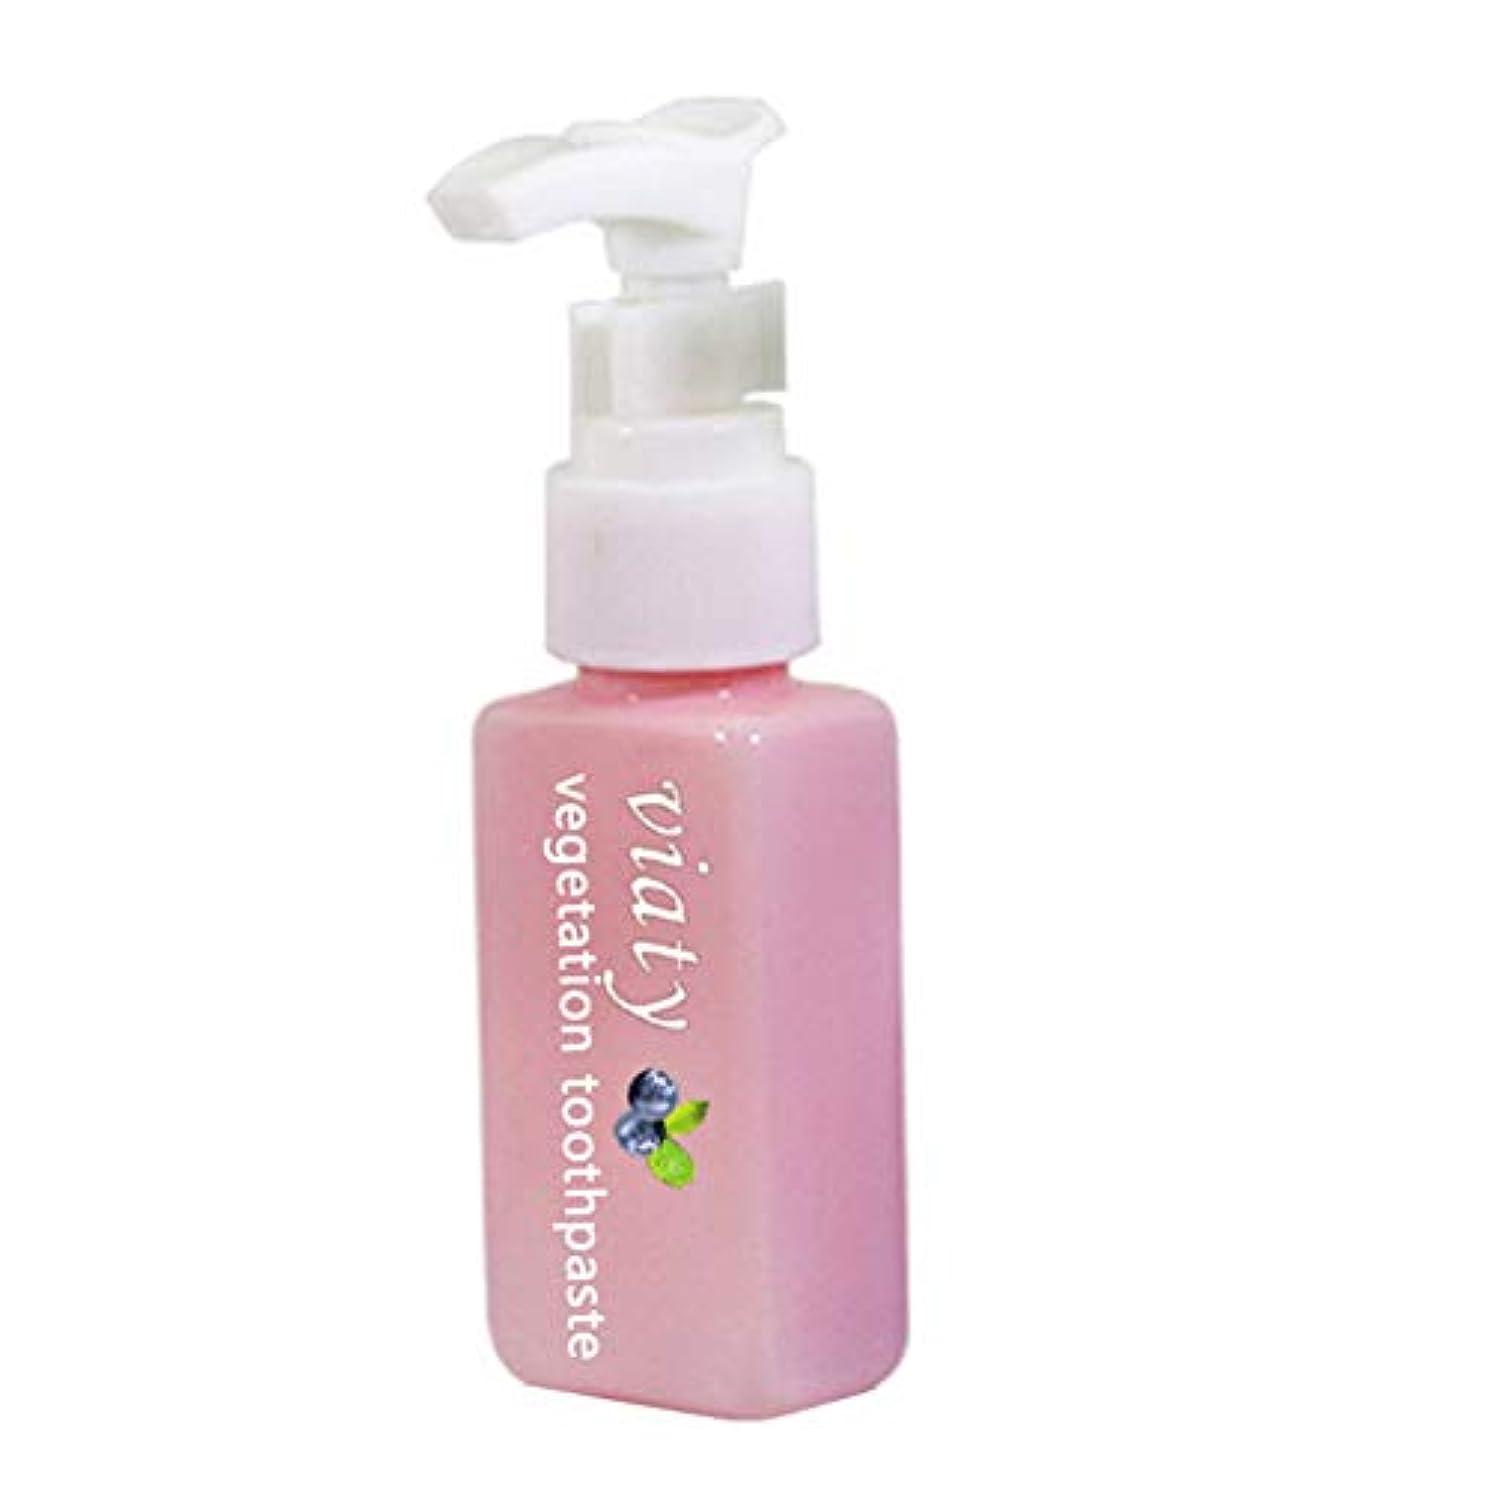 クック事件、出来事差別するJanusSaja歯磨き粉アンチブリードガムプレスタイプ新鮮な歯磨き粉を白くする汚れ除去剤